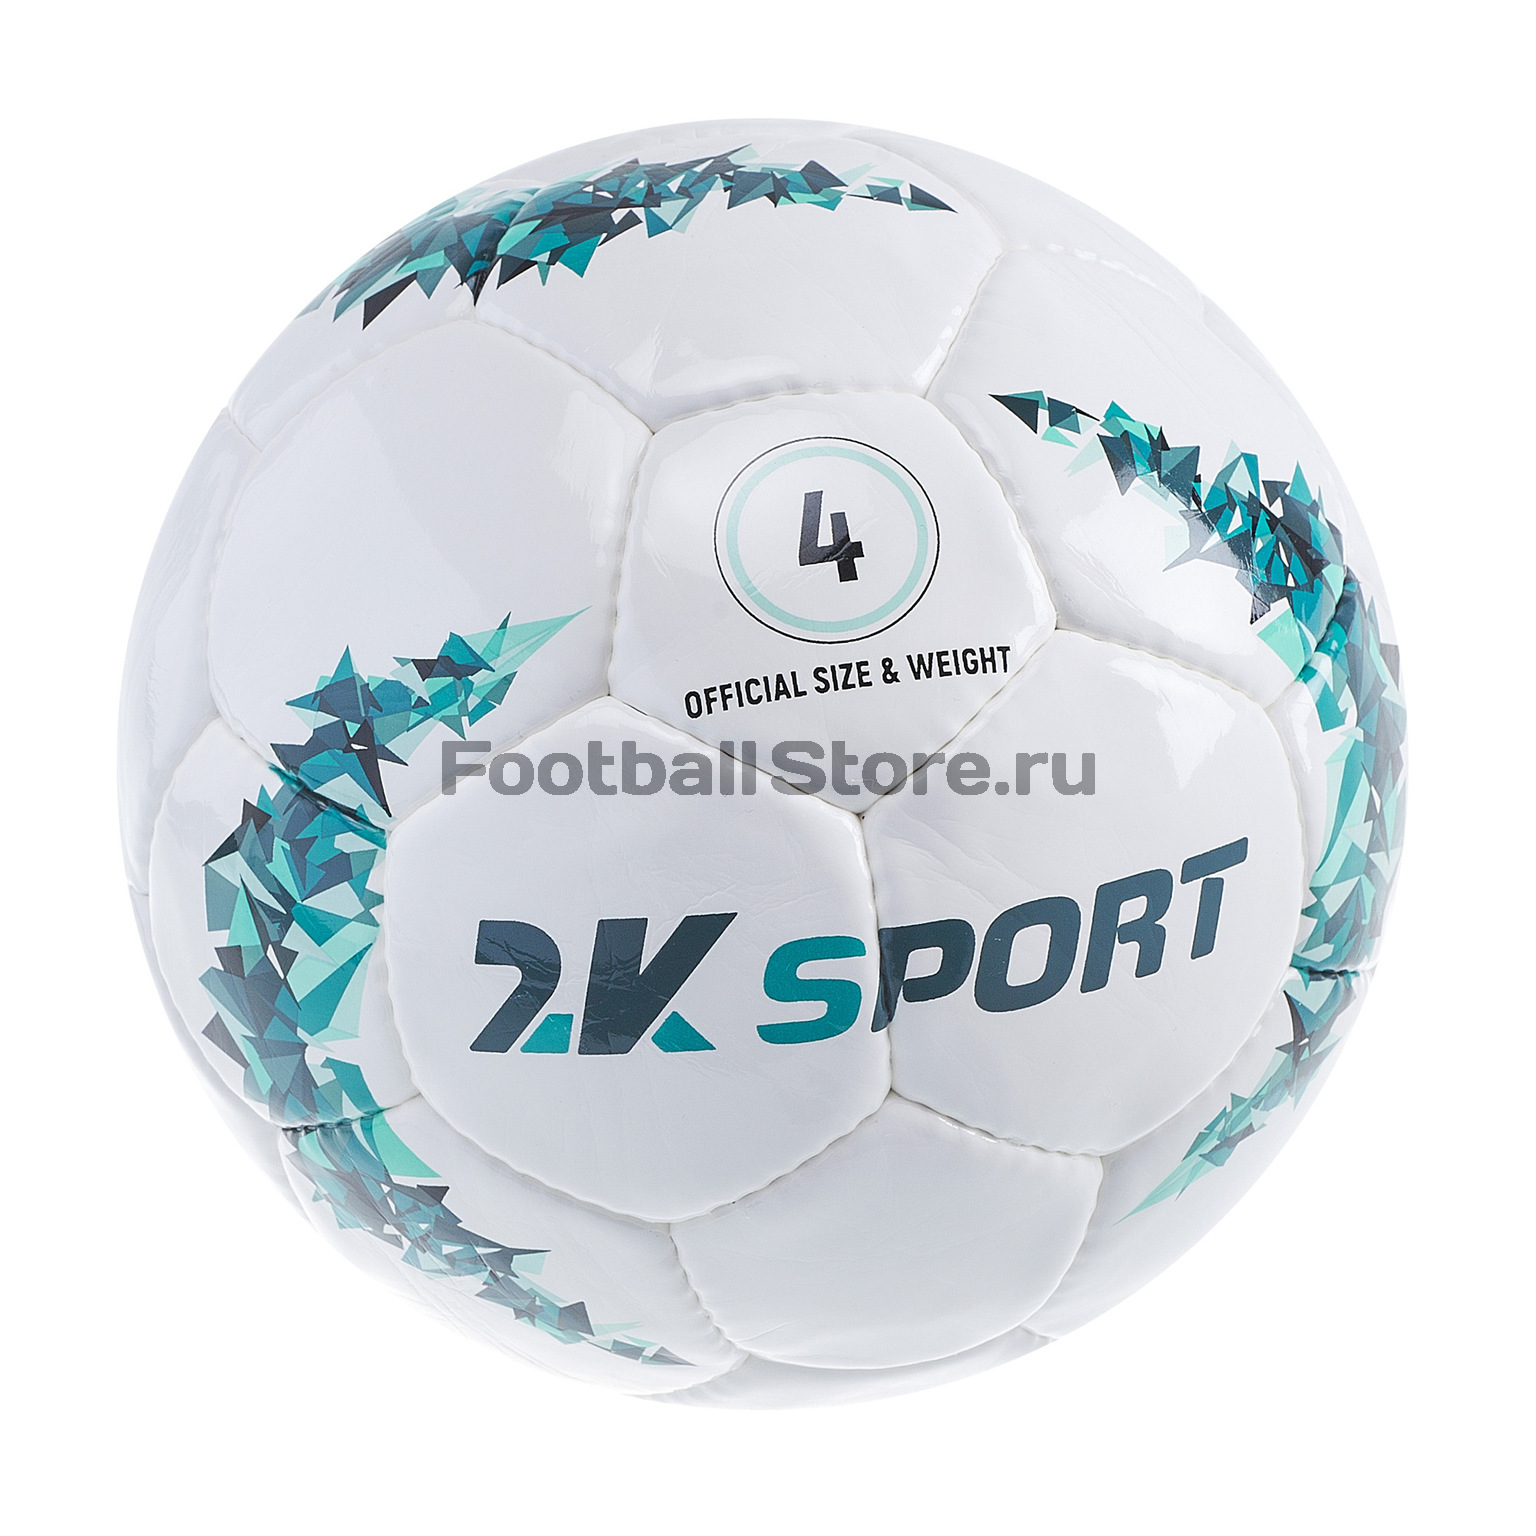 Футбольный мяч 2K Sport Crystal Prime 127087 мяч футбольный 2k sport advance цвет белый оранжевый размер 5